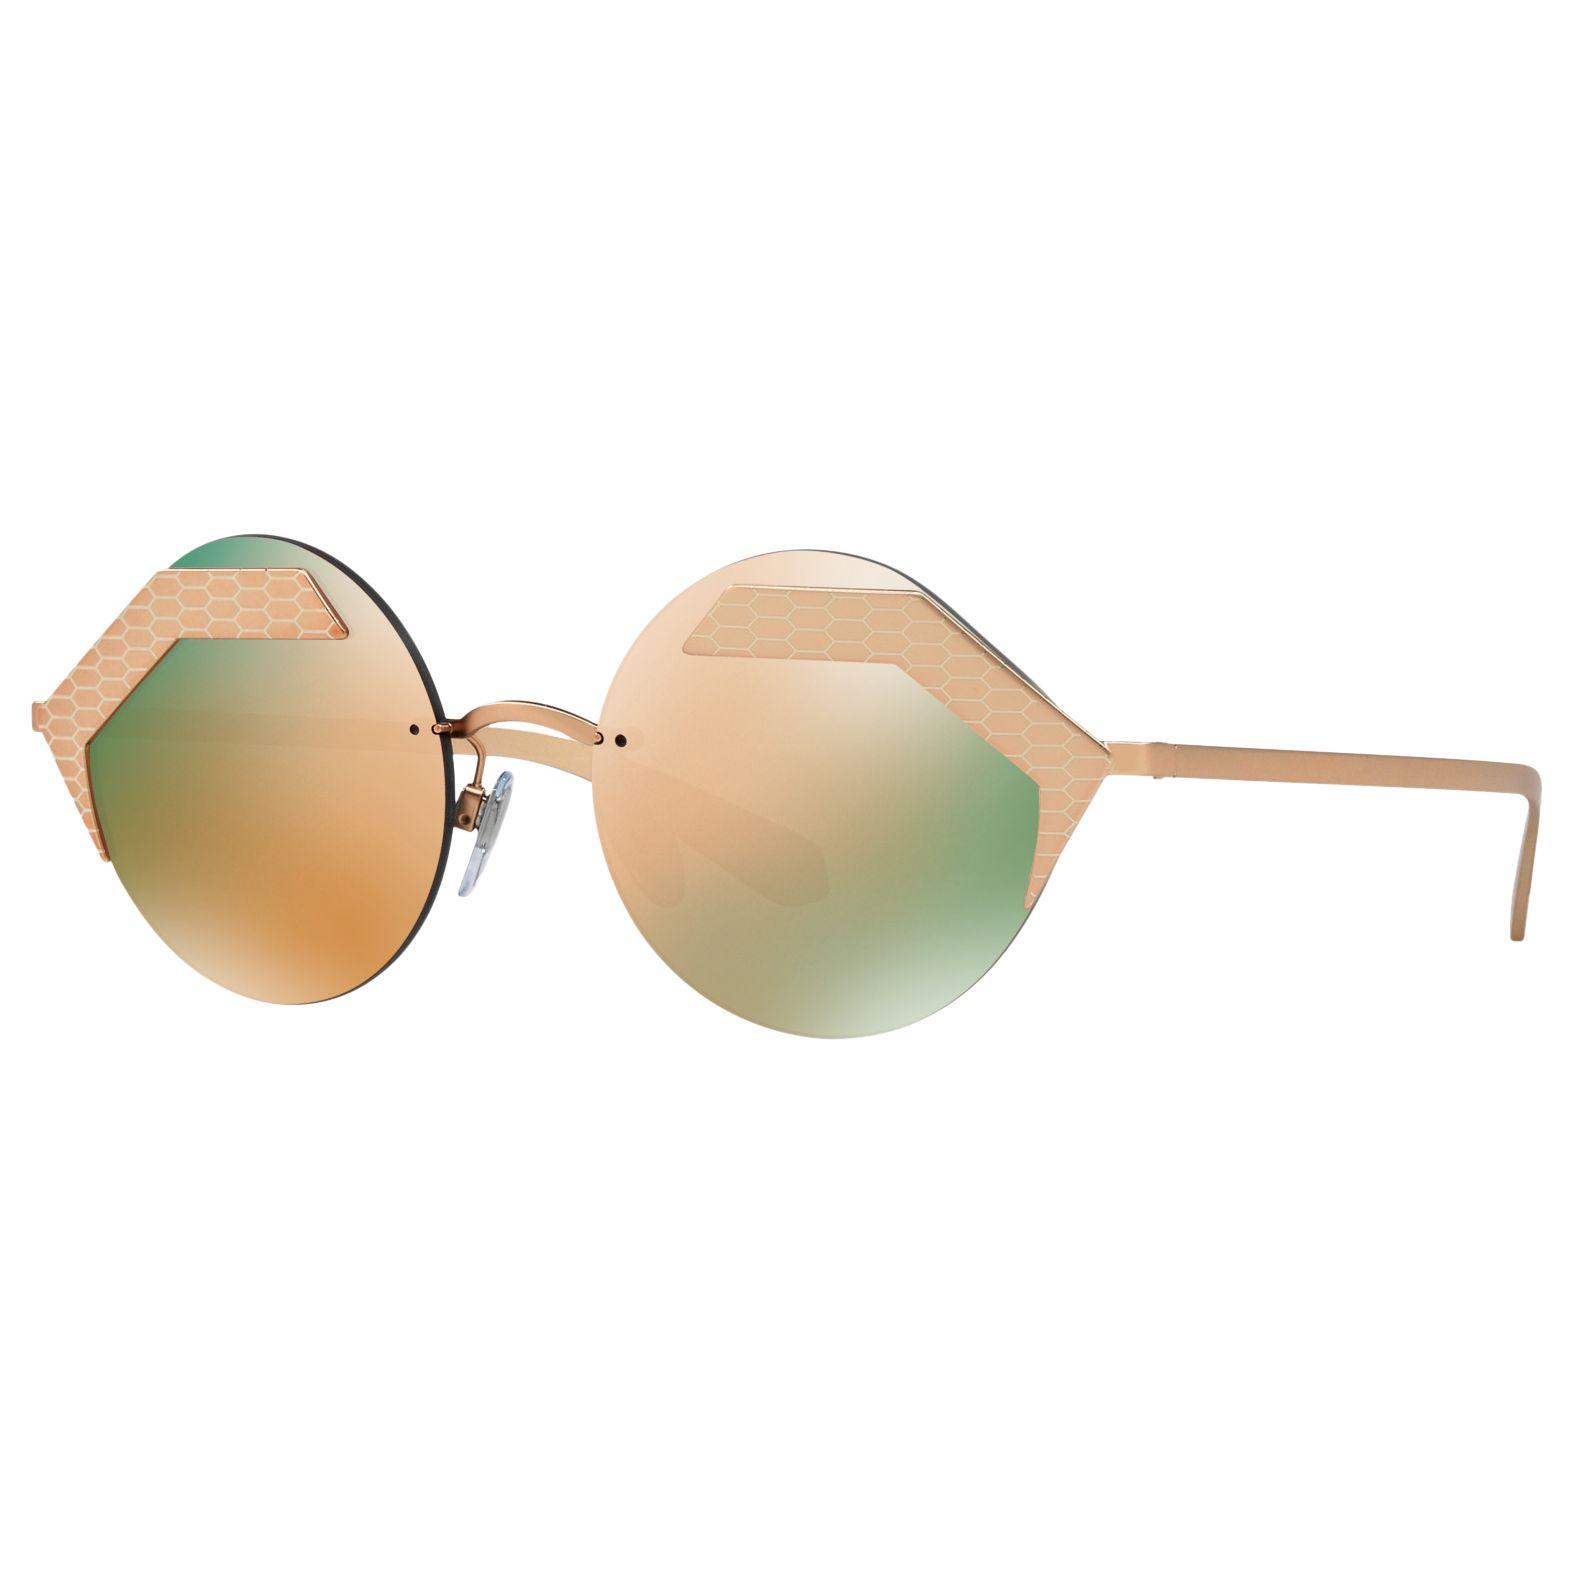 Bvlgari BVLGARI BV6089 Round Sunglasses